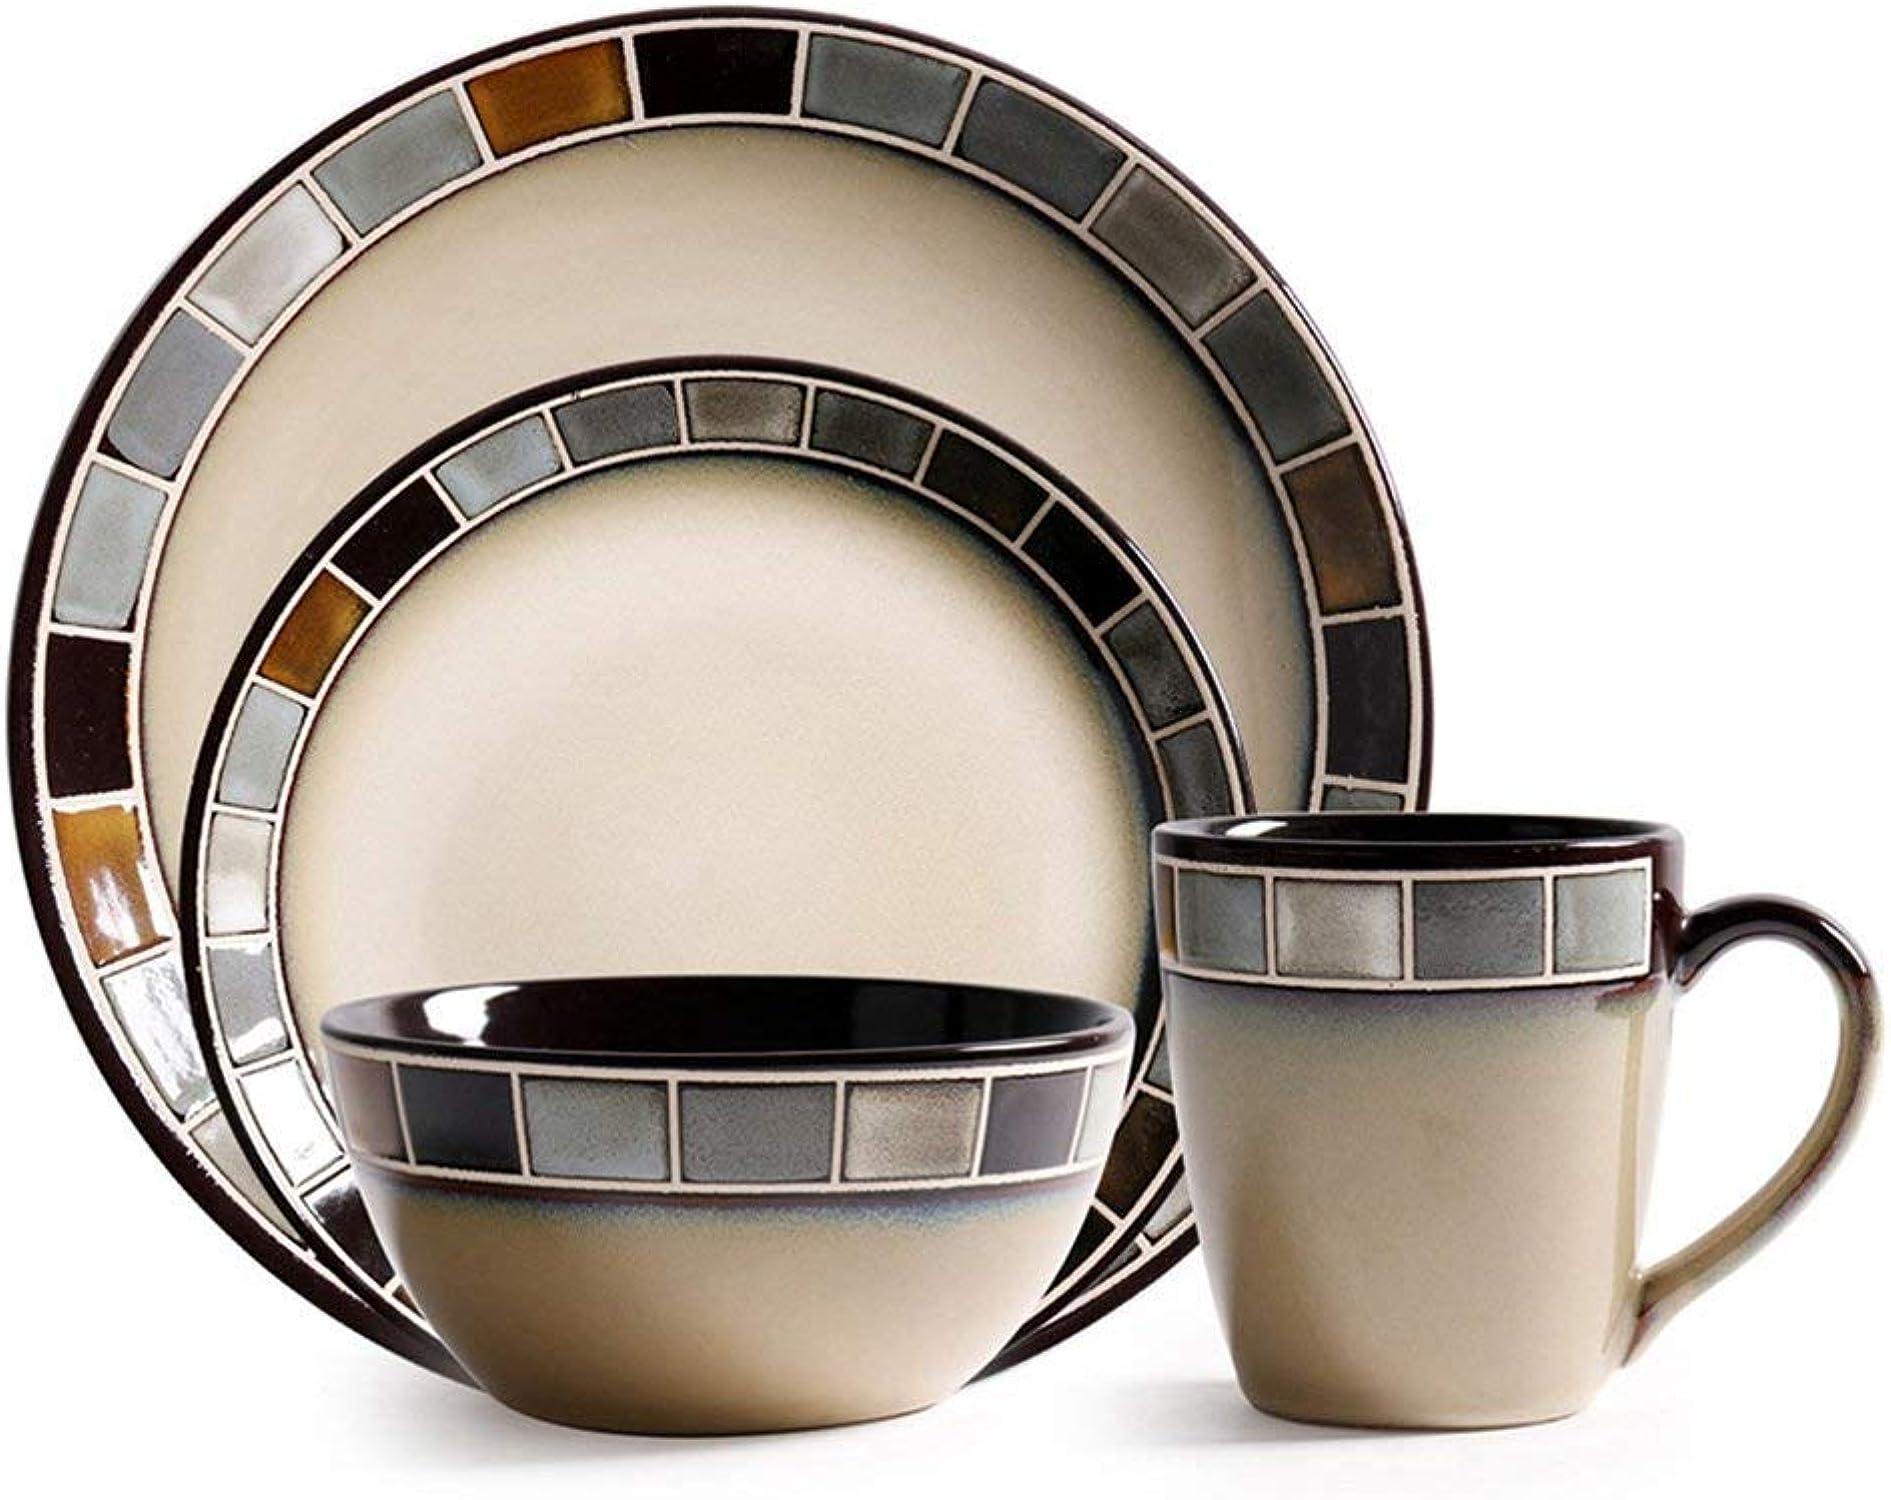 Vaisselle En Céramique, Maison gris Créatif Grille Bol Coupe Ensemble Plaque Plaque teak Maison Tasse Salade Bol Approprié Pour Restaurant Cuisine Pull Bol Fruits Snack Bol Desserts (Couleur   Suit)